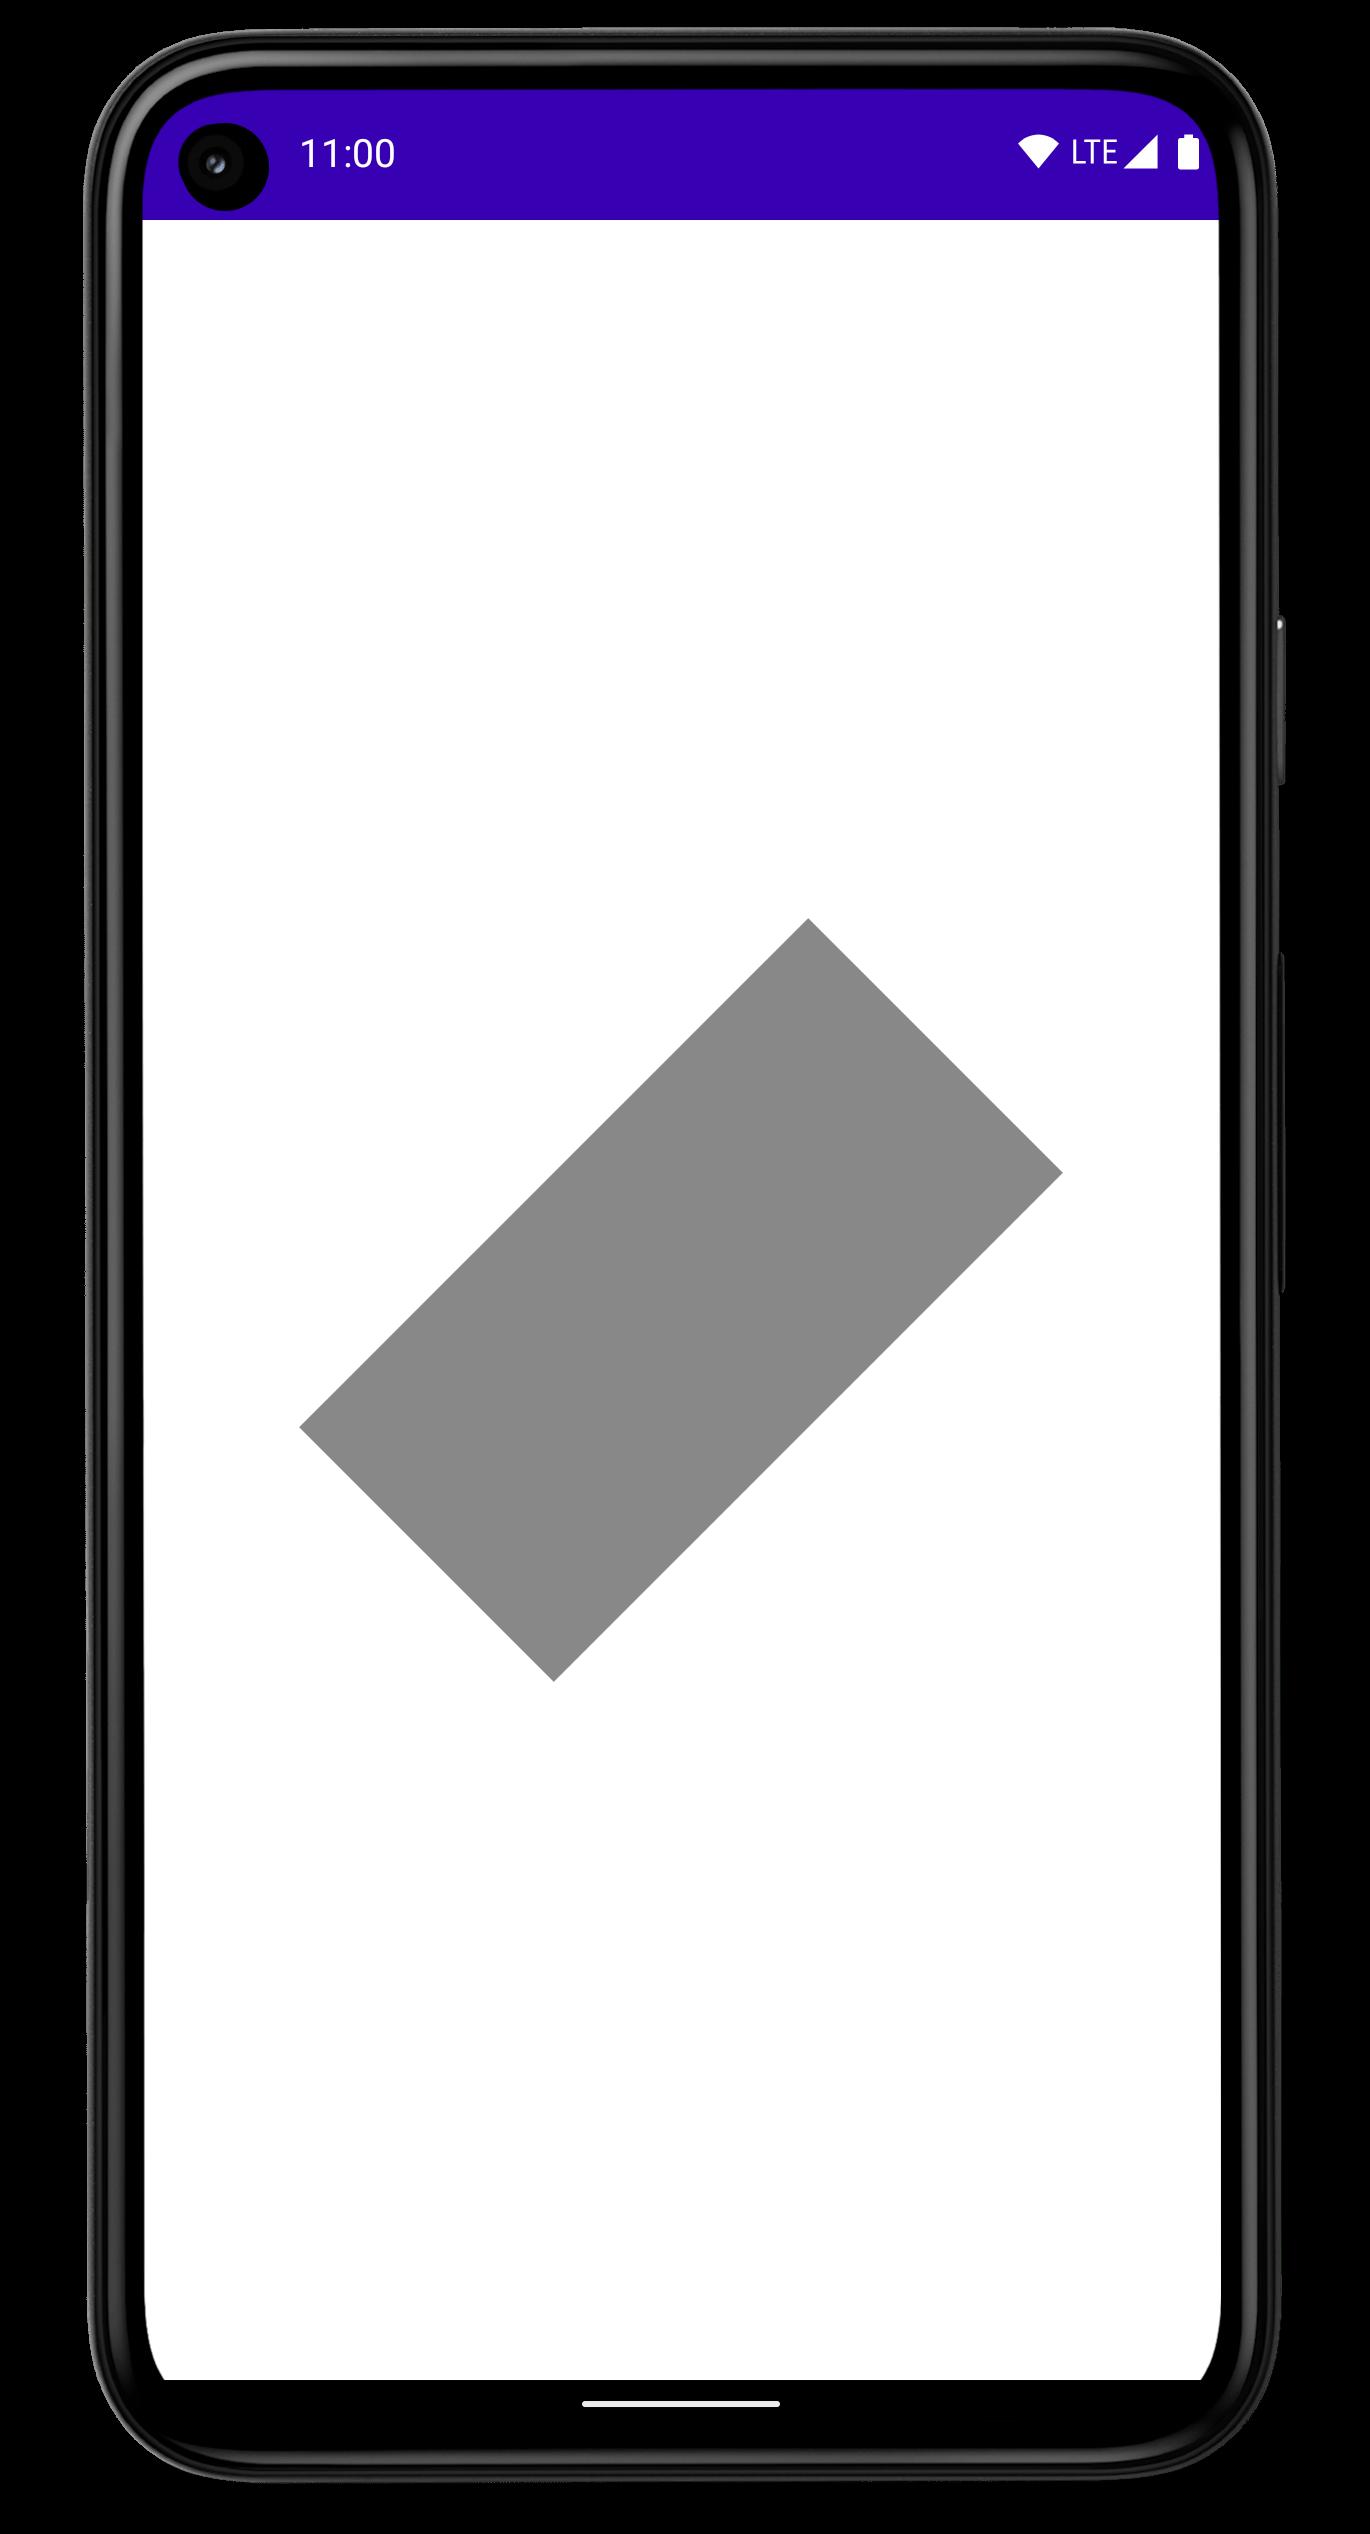 화면 중앙에 45도 회전된 직사각형이 있는 휴대전화